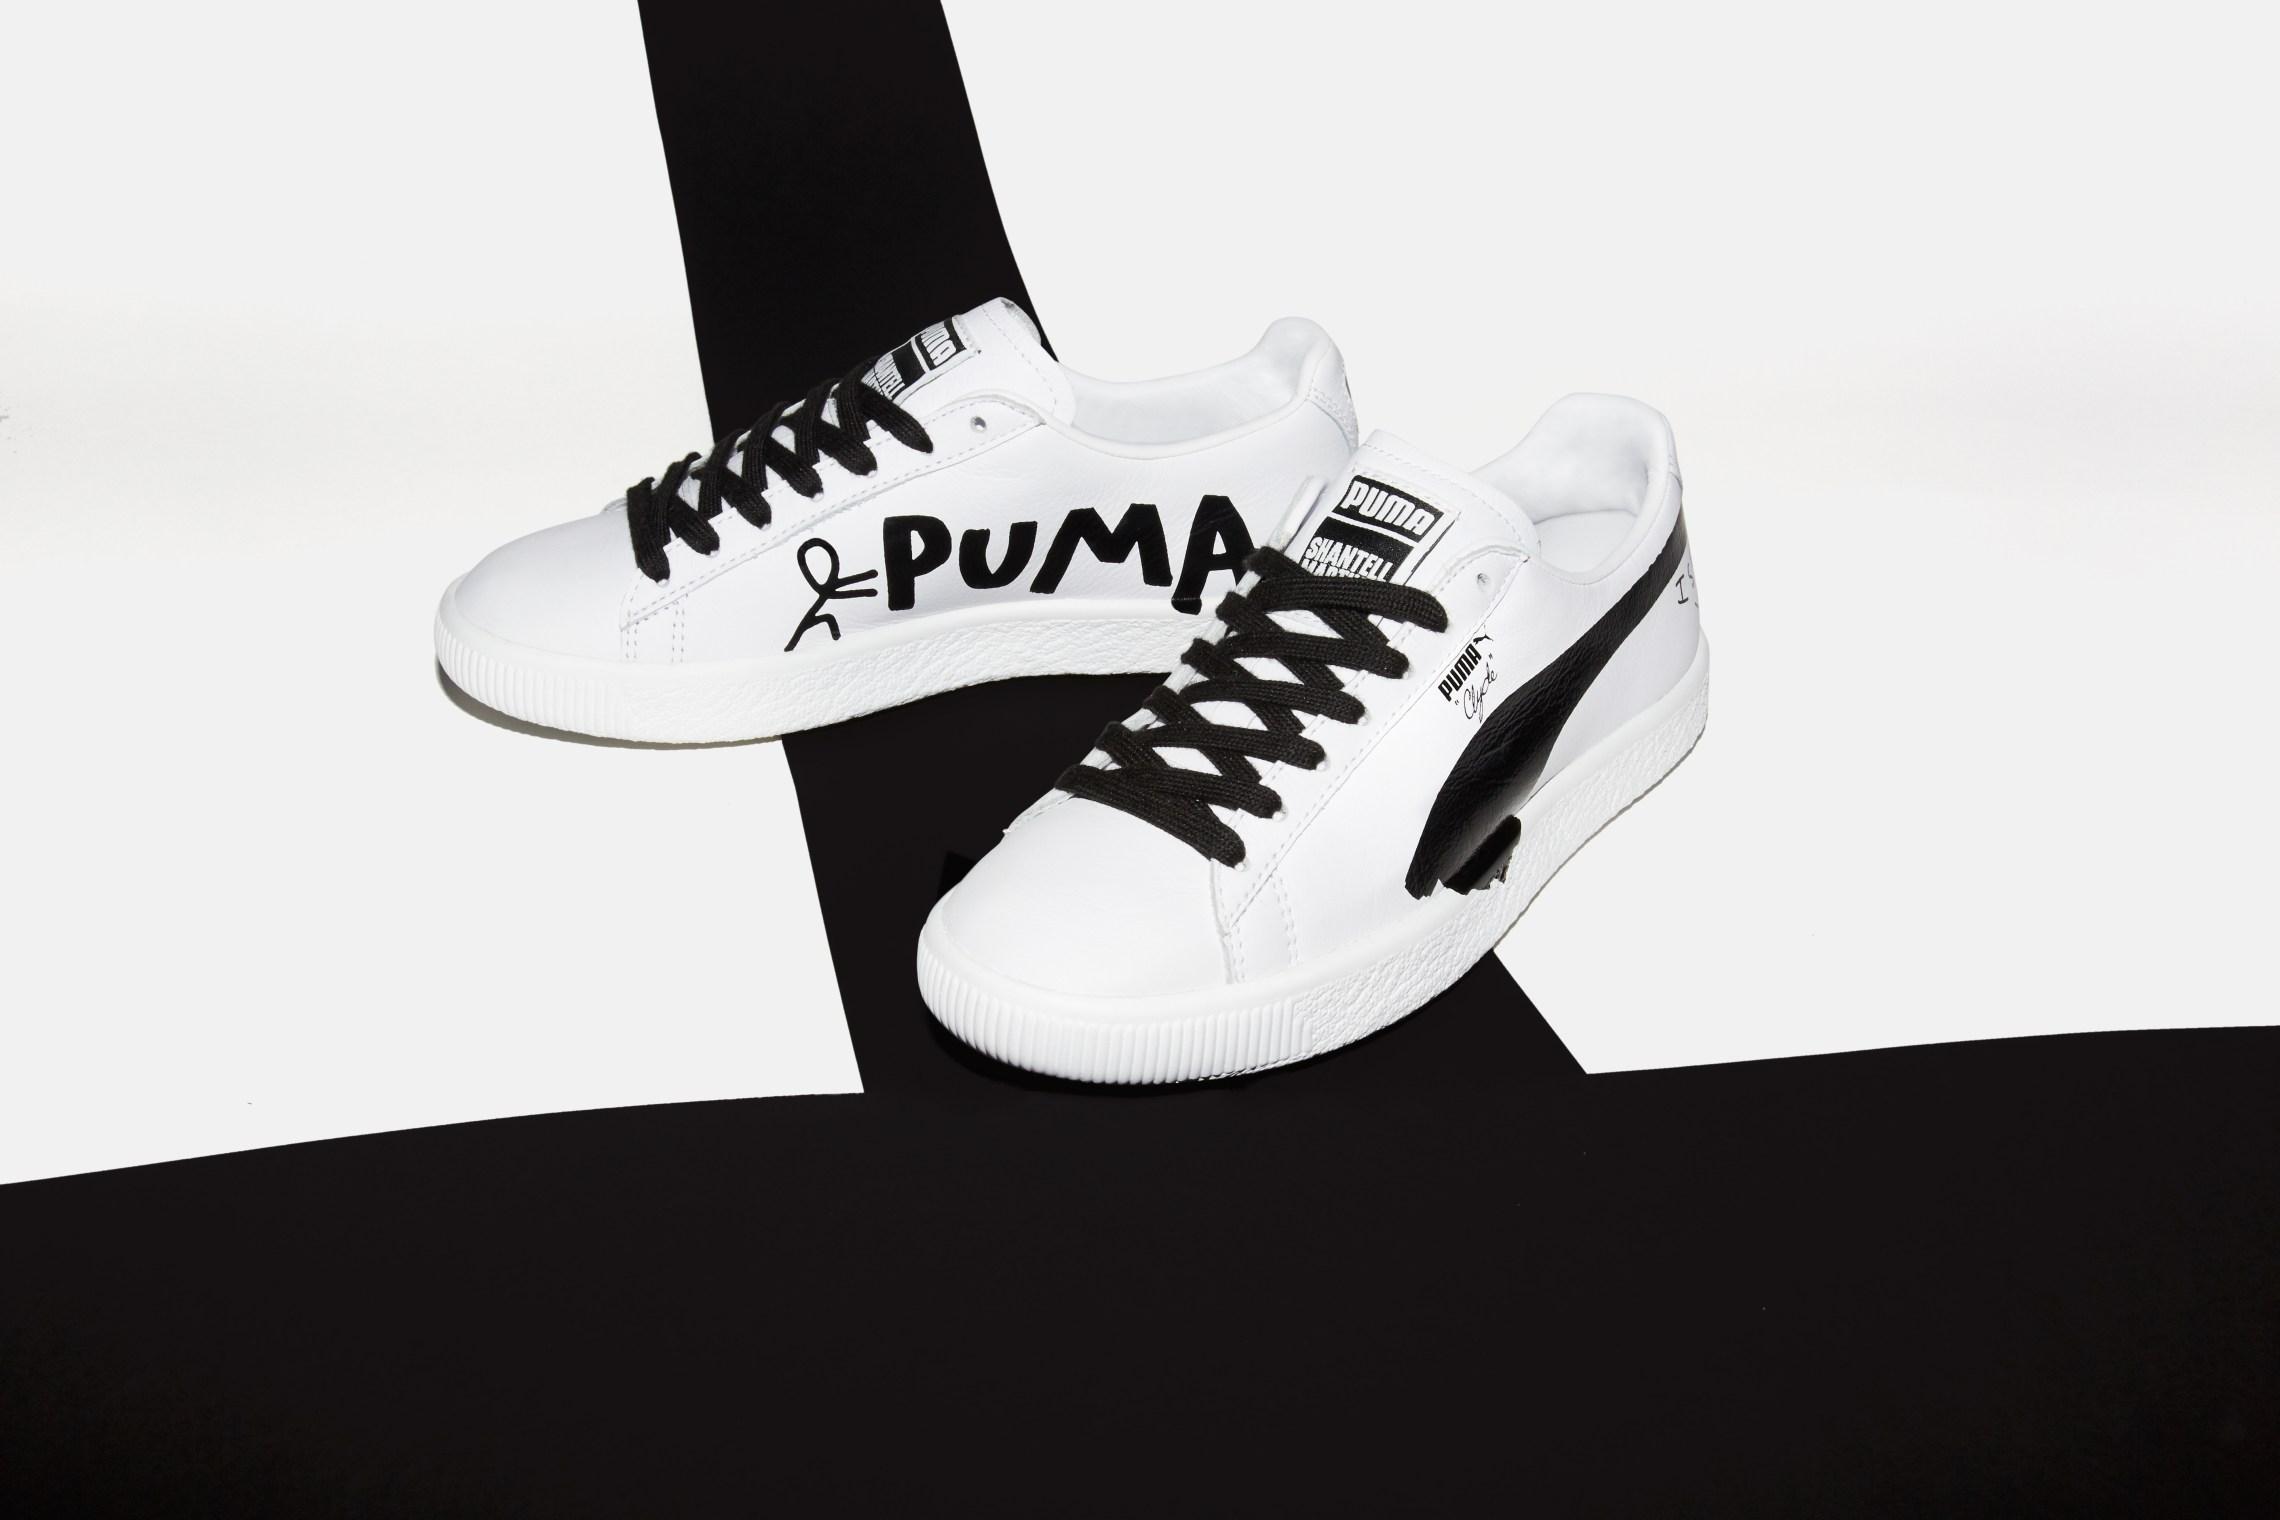 シャンテル・マーティン × プーマ 全4モデルコレクション